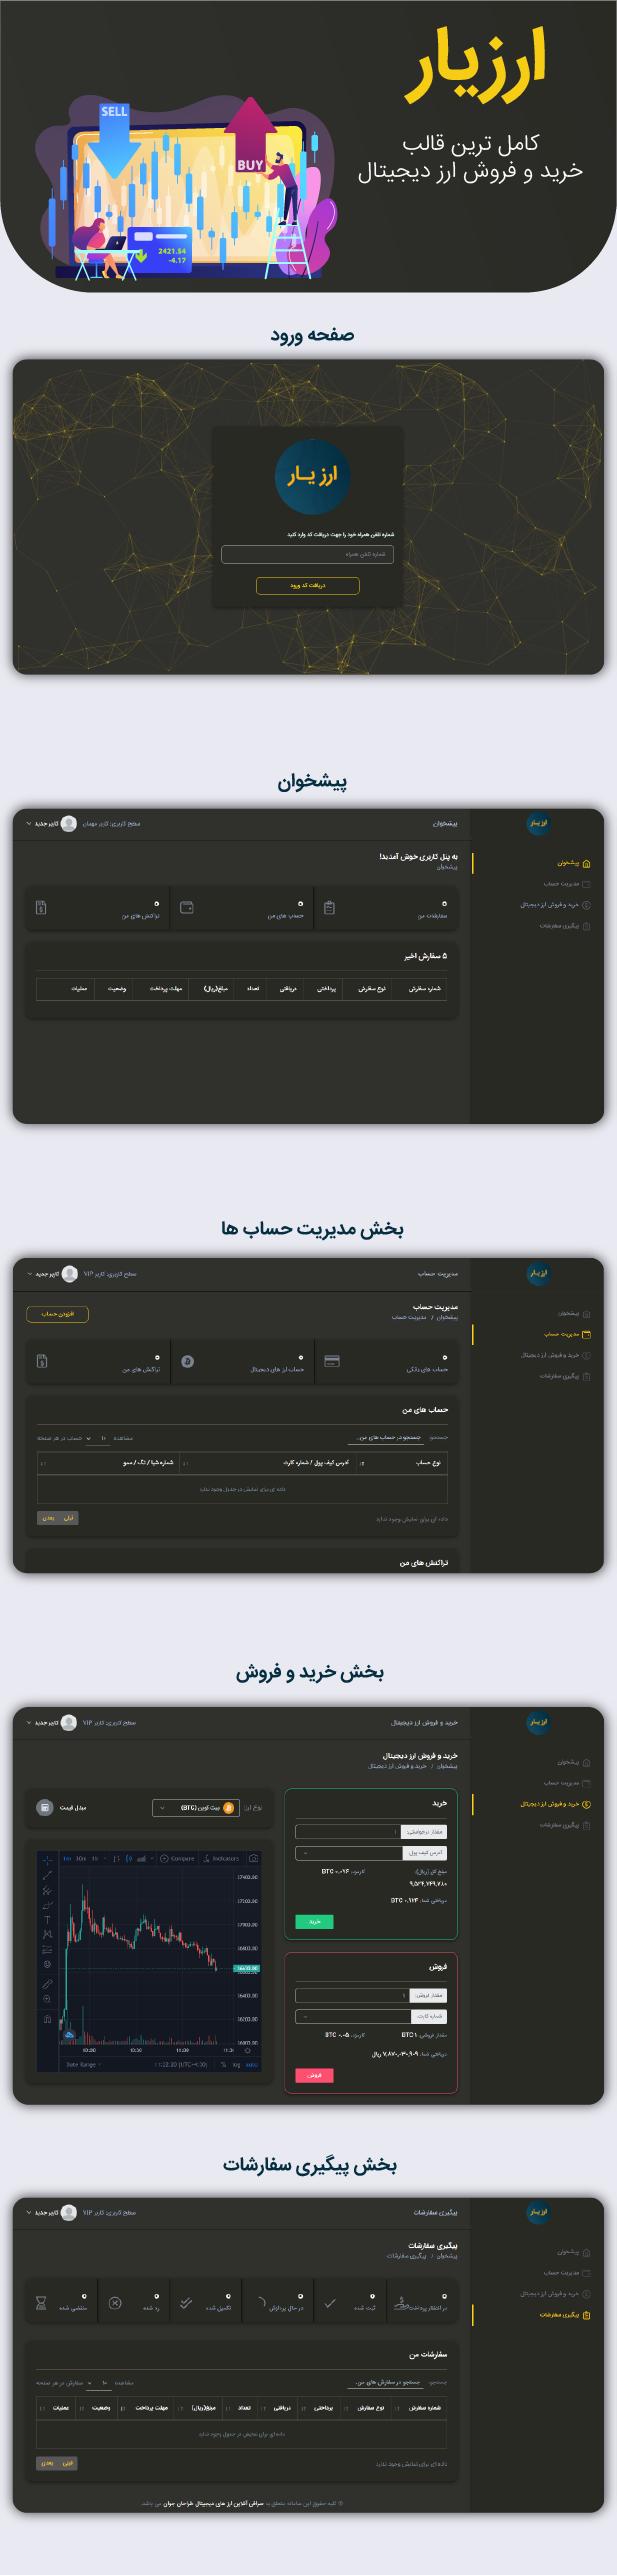 اسکریپت صرافی ارز دیجیتال ارزیار